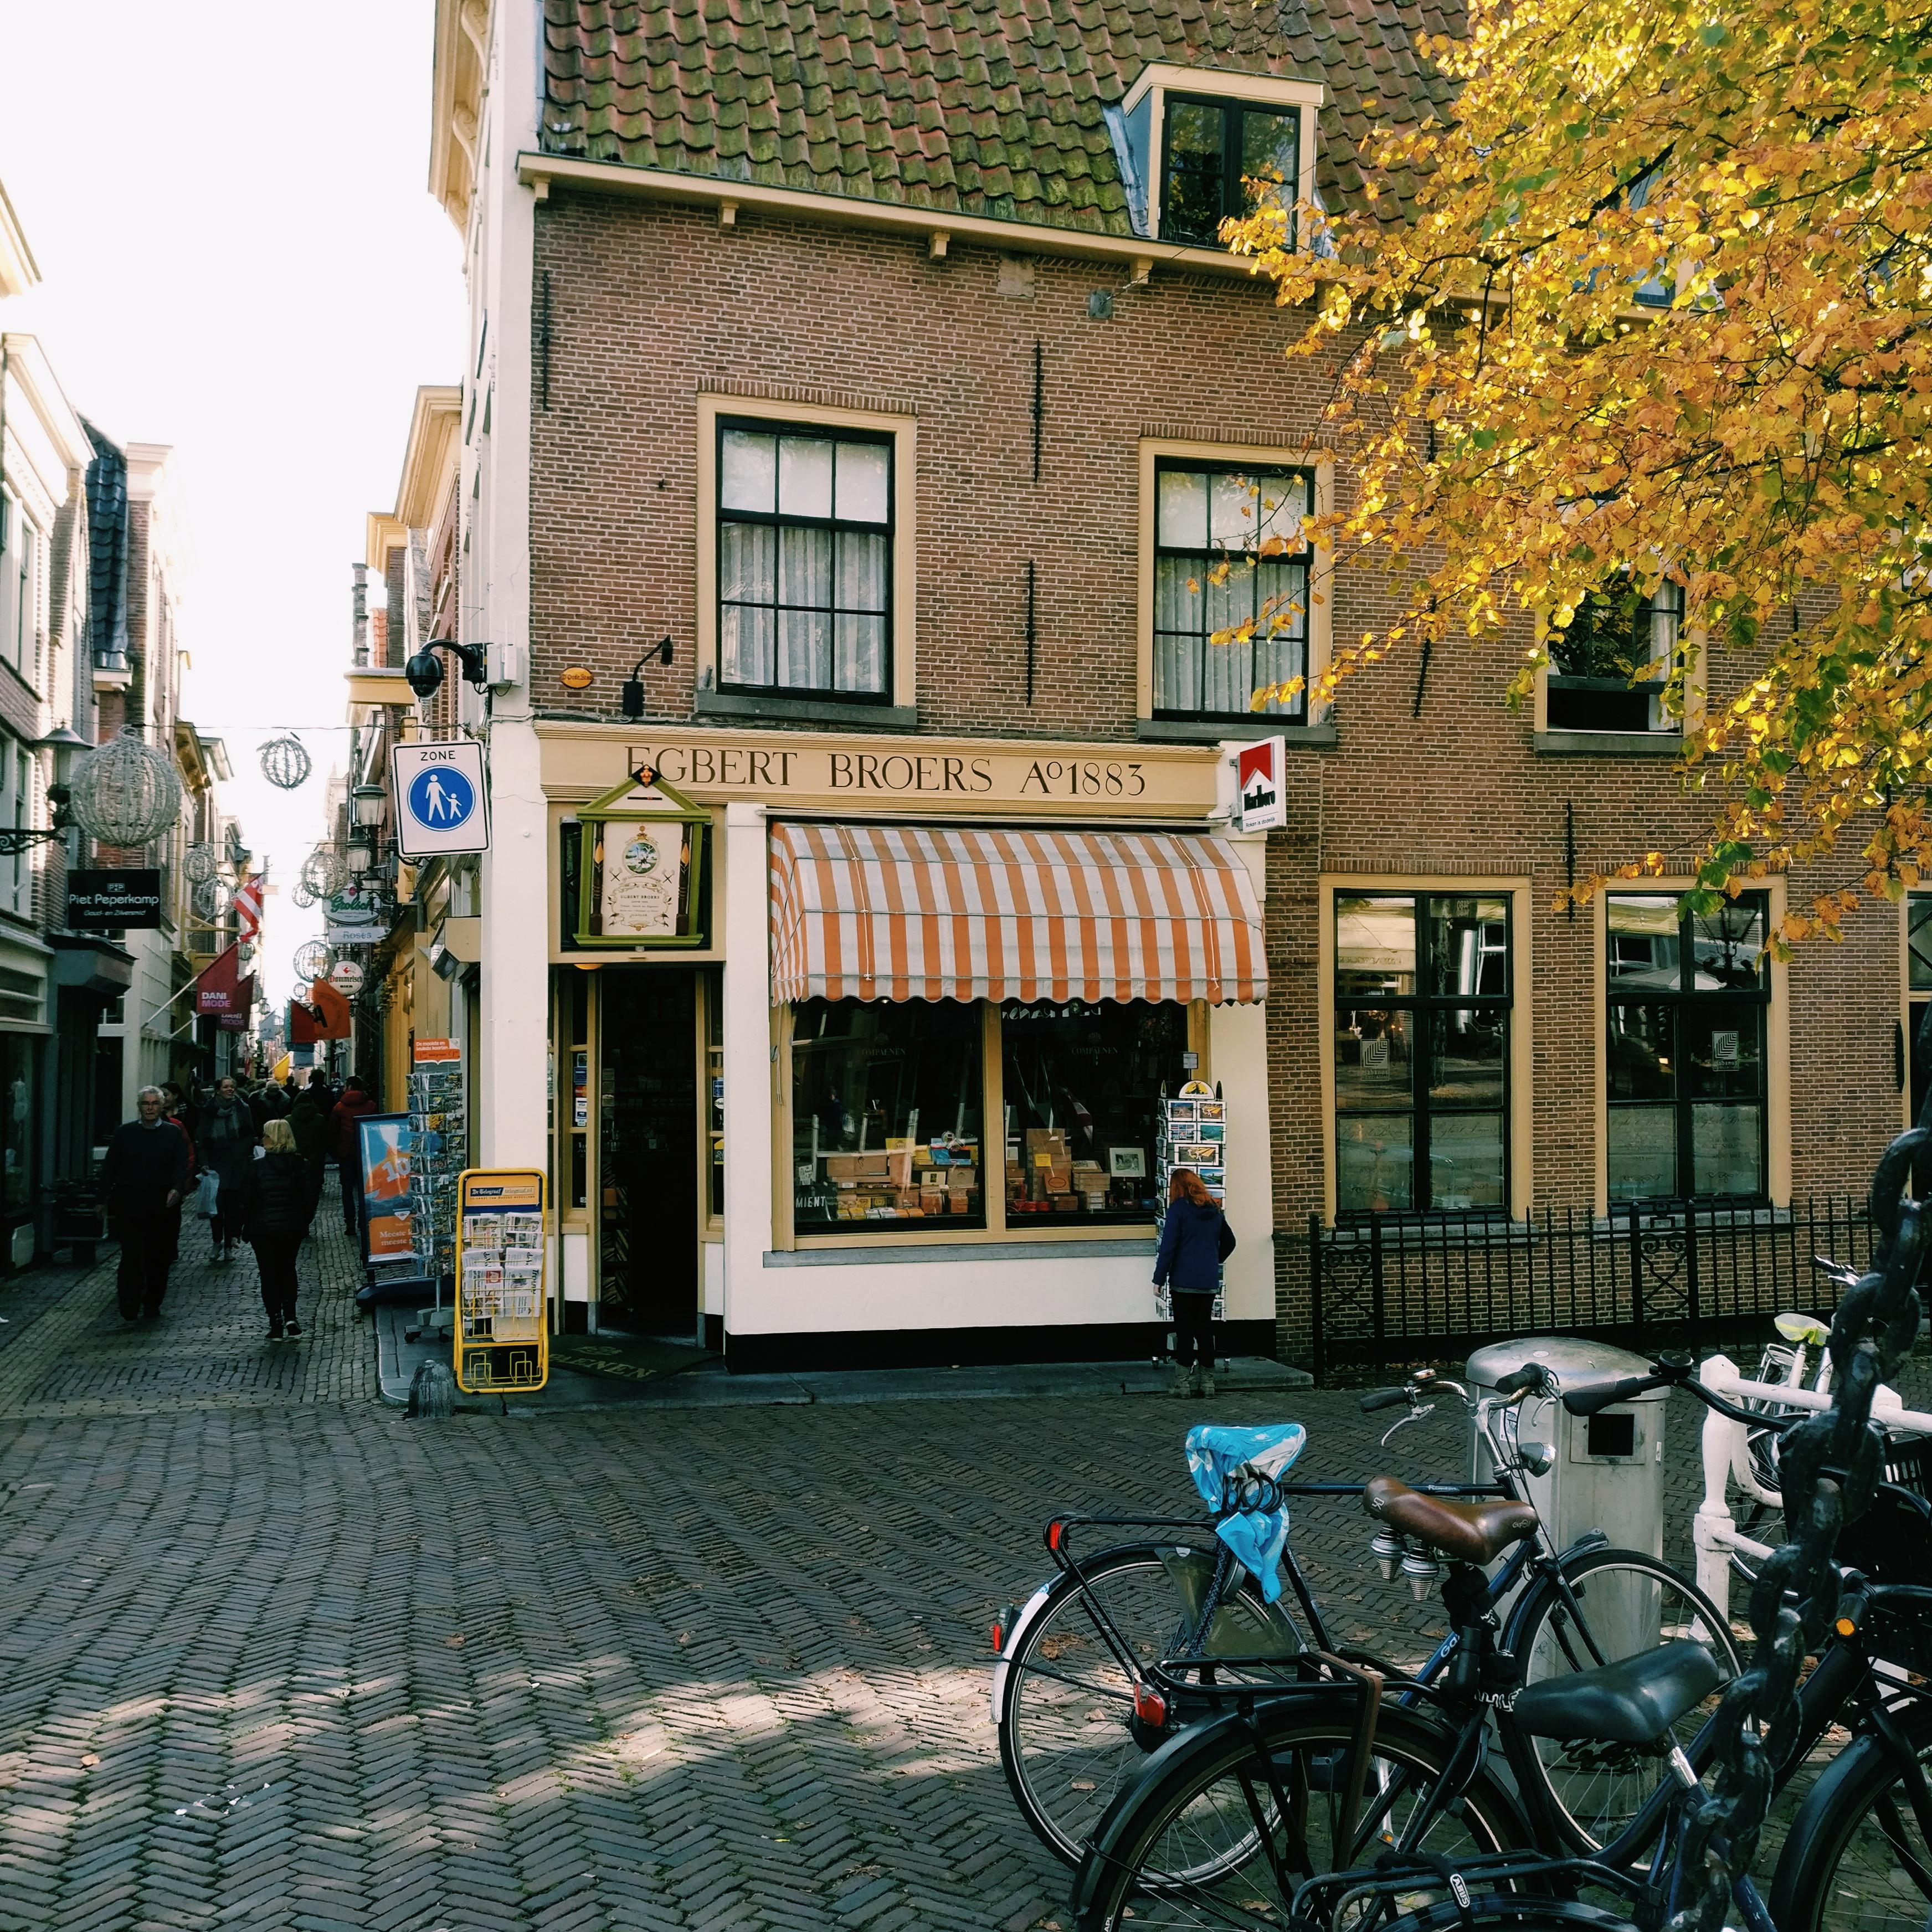 Egbert Broers in Alkmaar Centrum